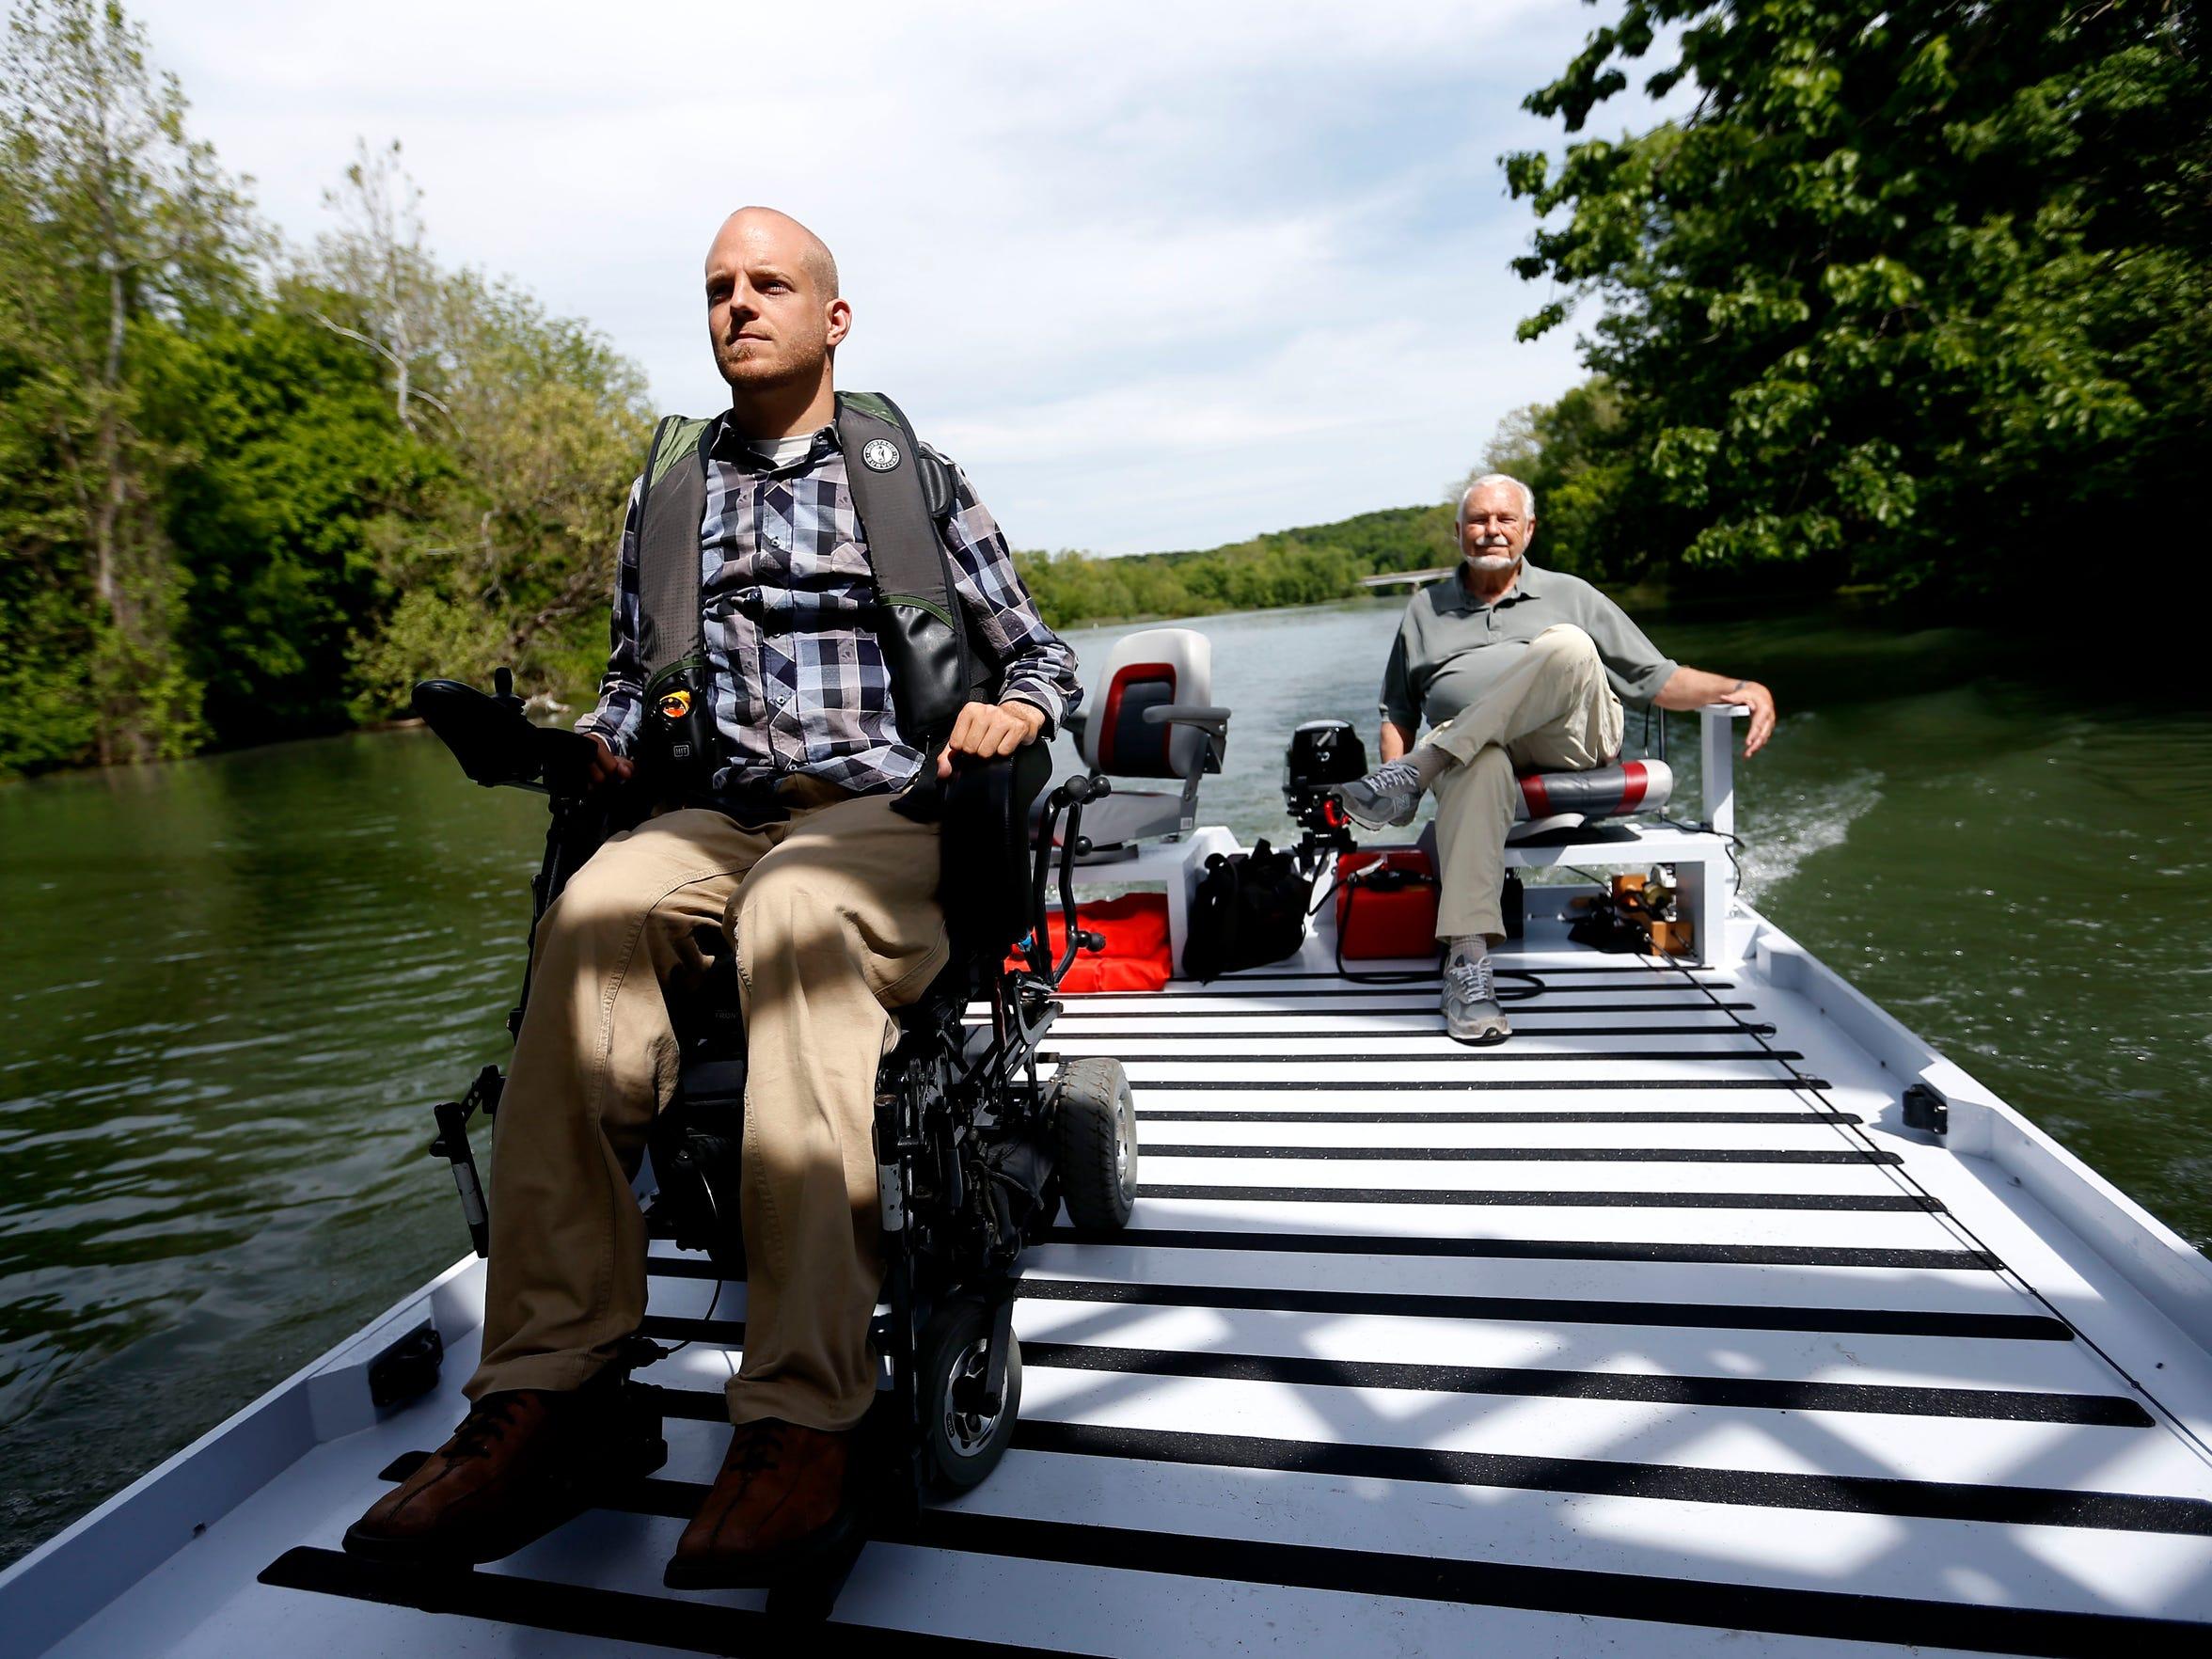 tDisabled_boating0170.jpg